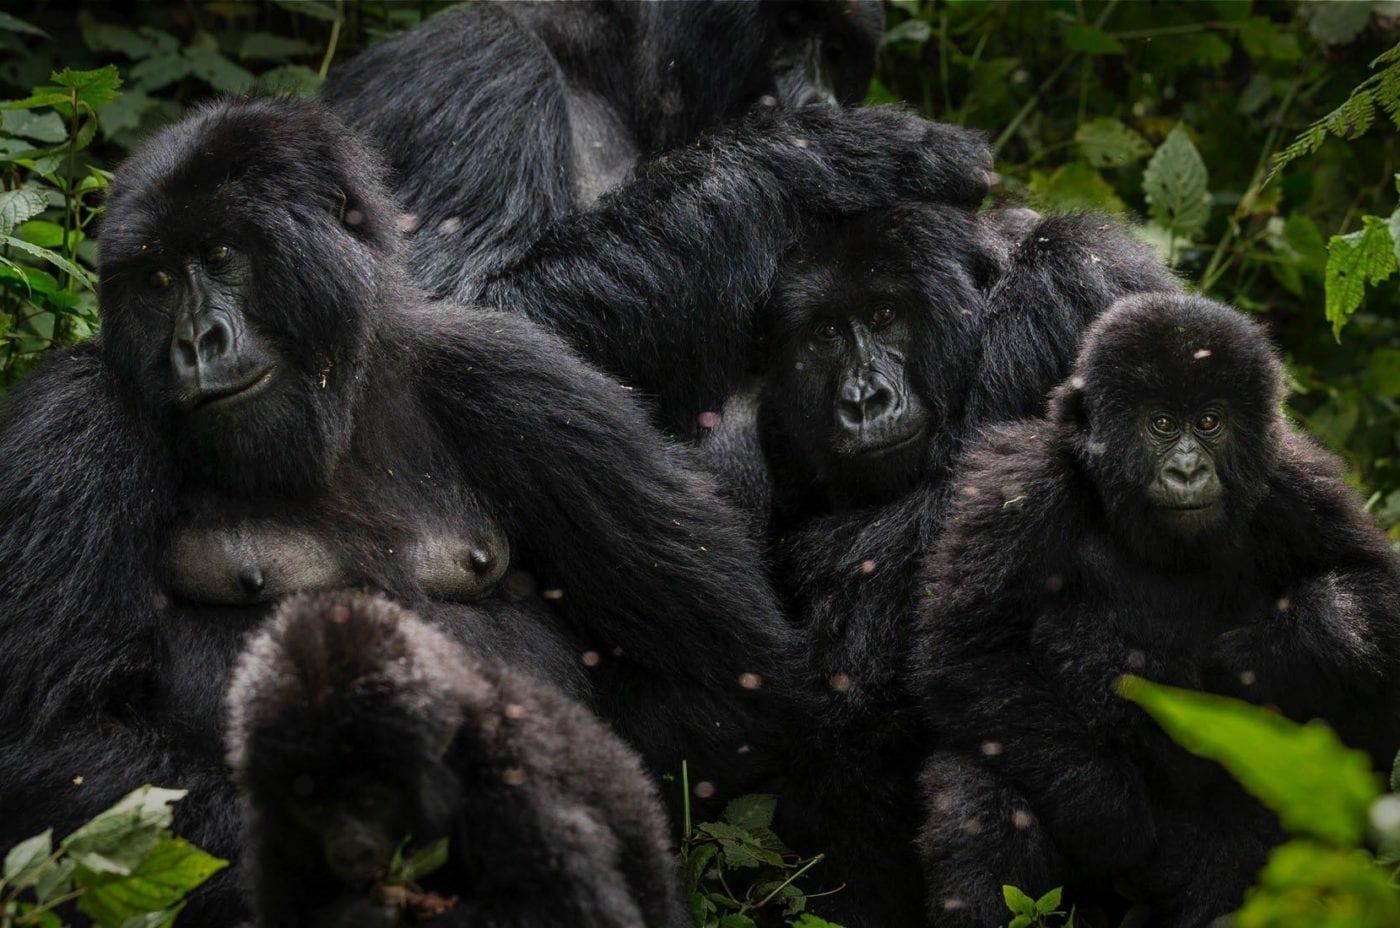 Photo of mountain gorilla family taken by Brent Stirton